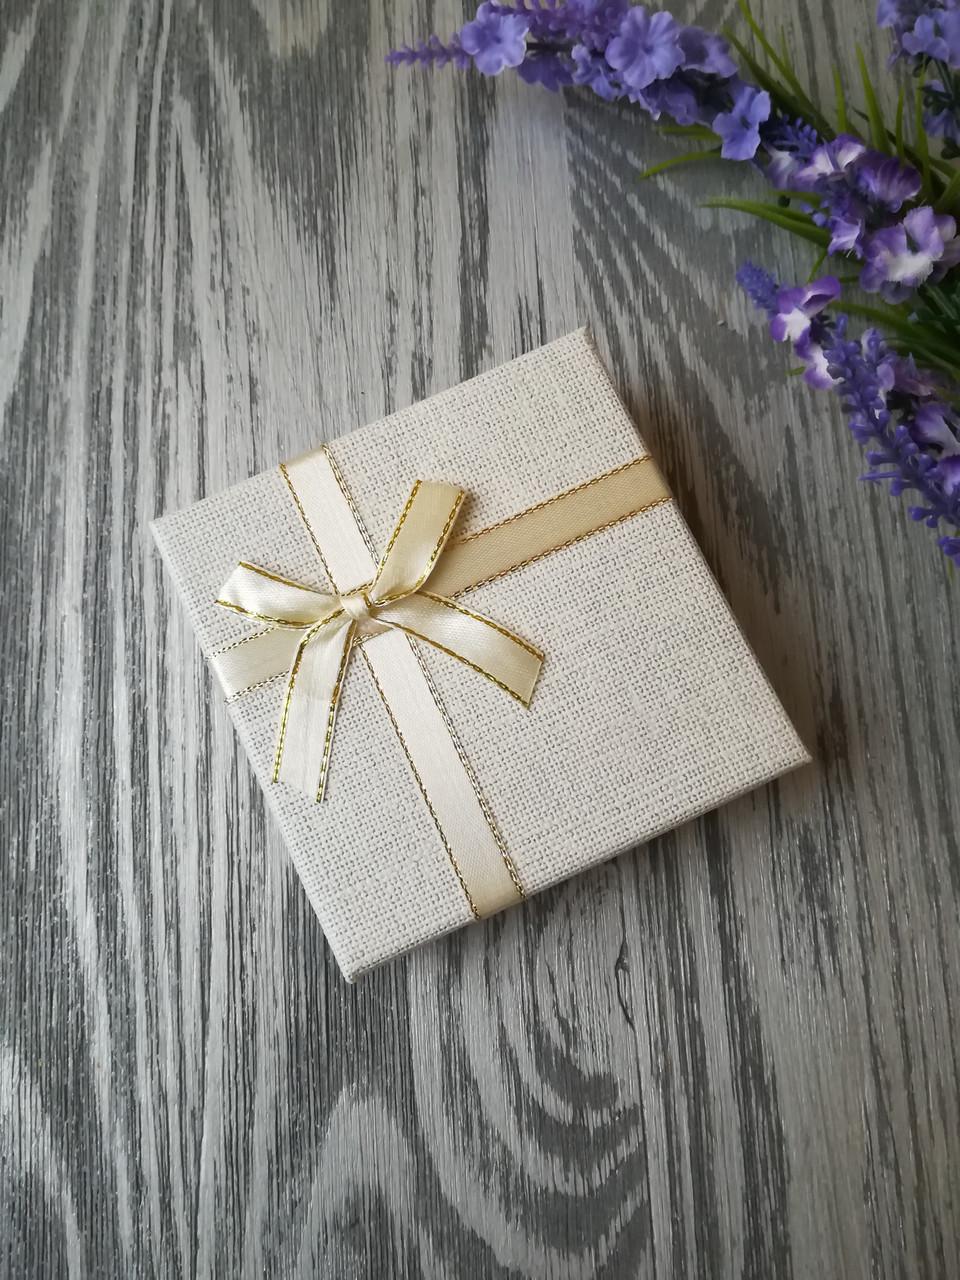 Коробка подарочная квадратная под украшения белая 90 * 90 * 35 мм